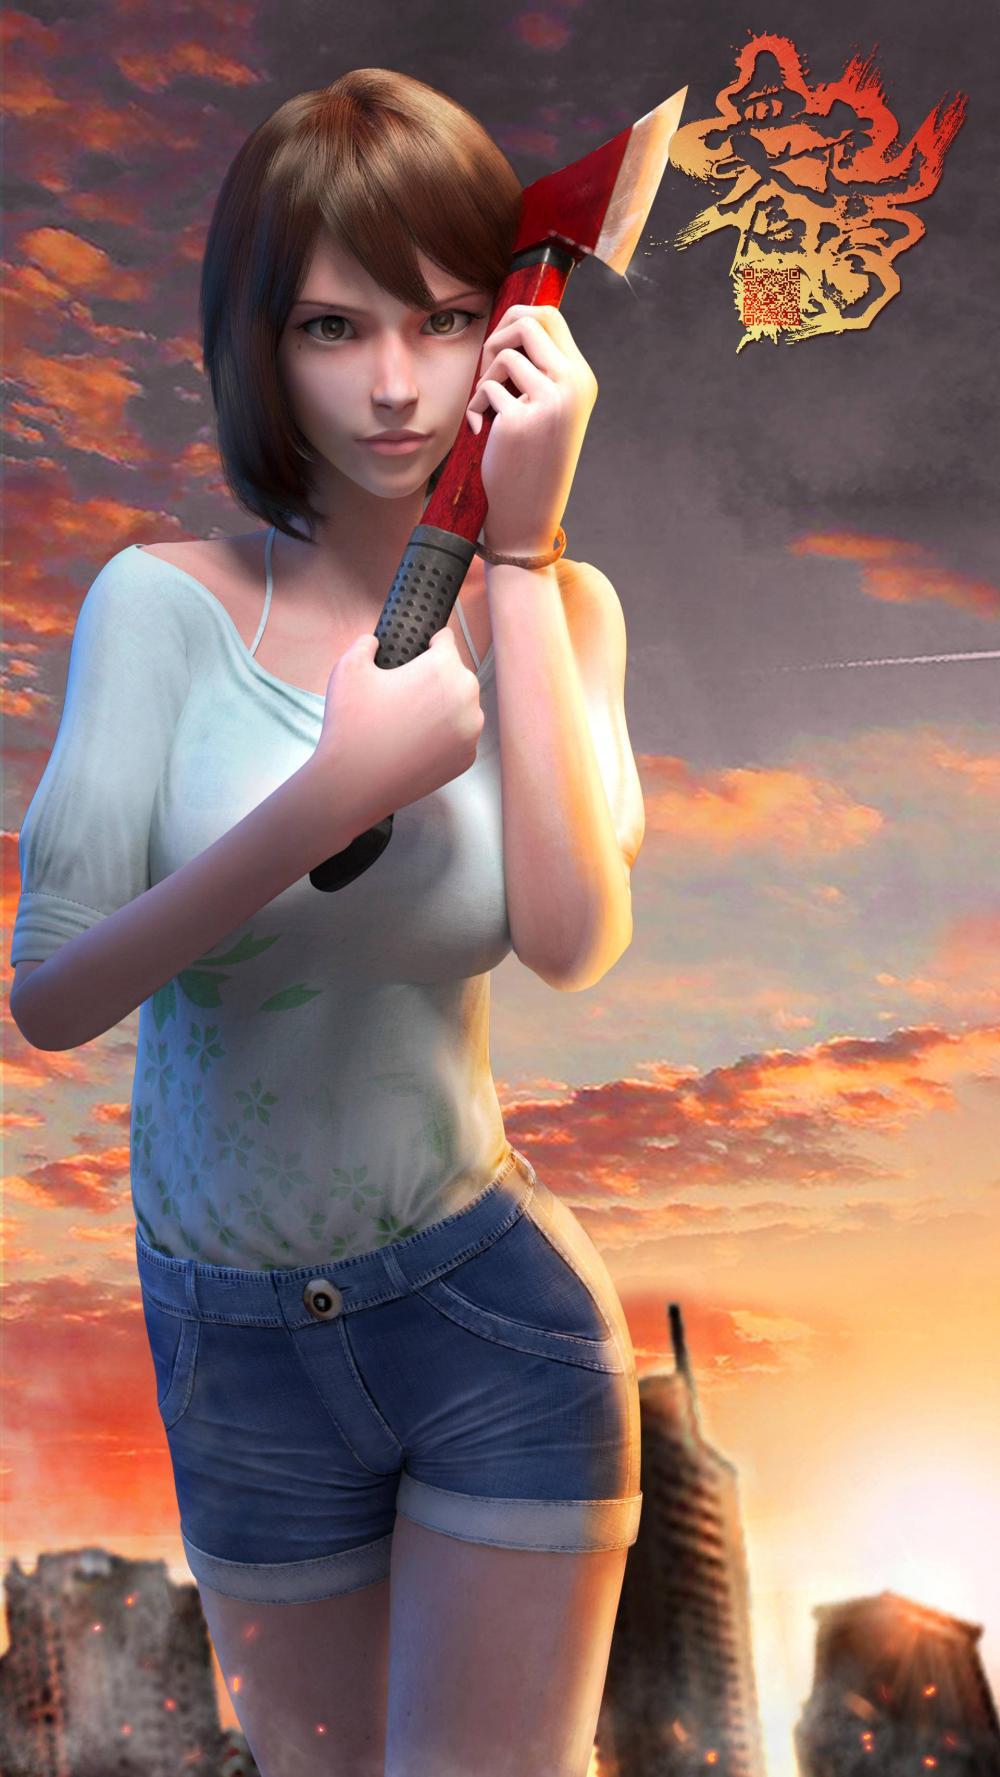 《血色苍穹》3D动画完整版人设海报爆出